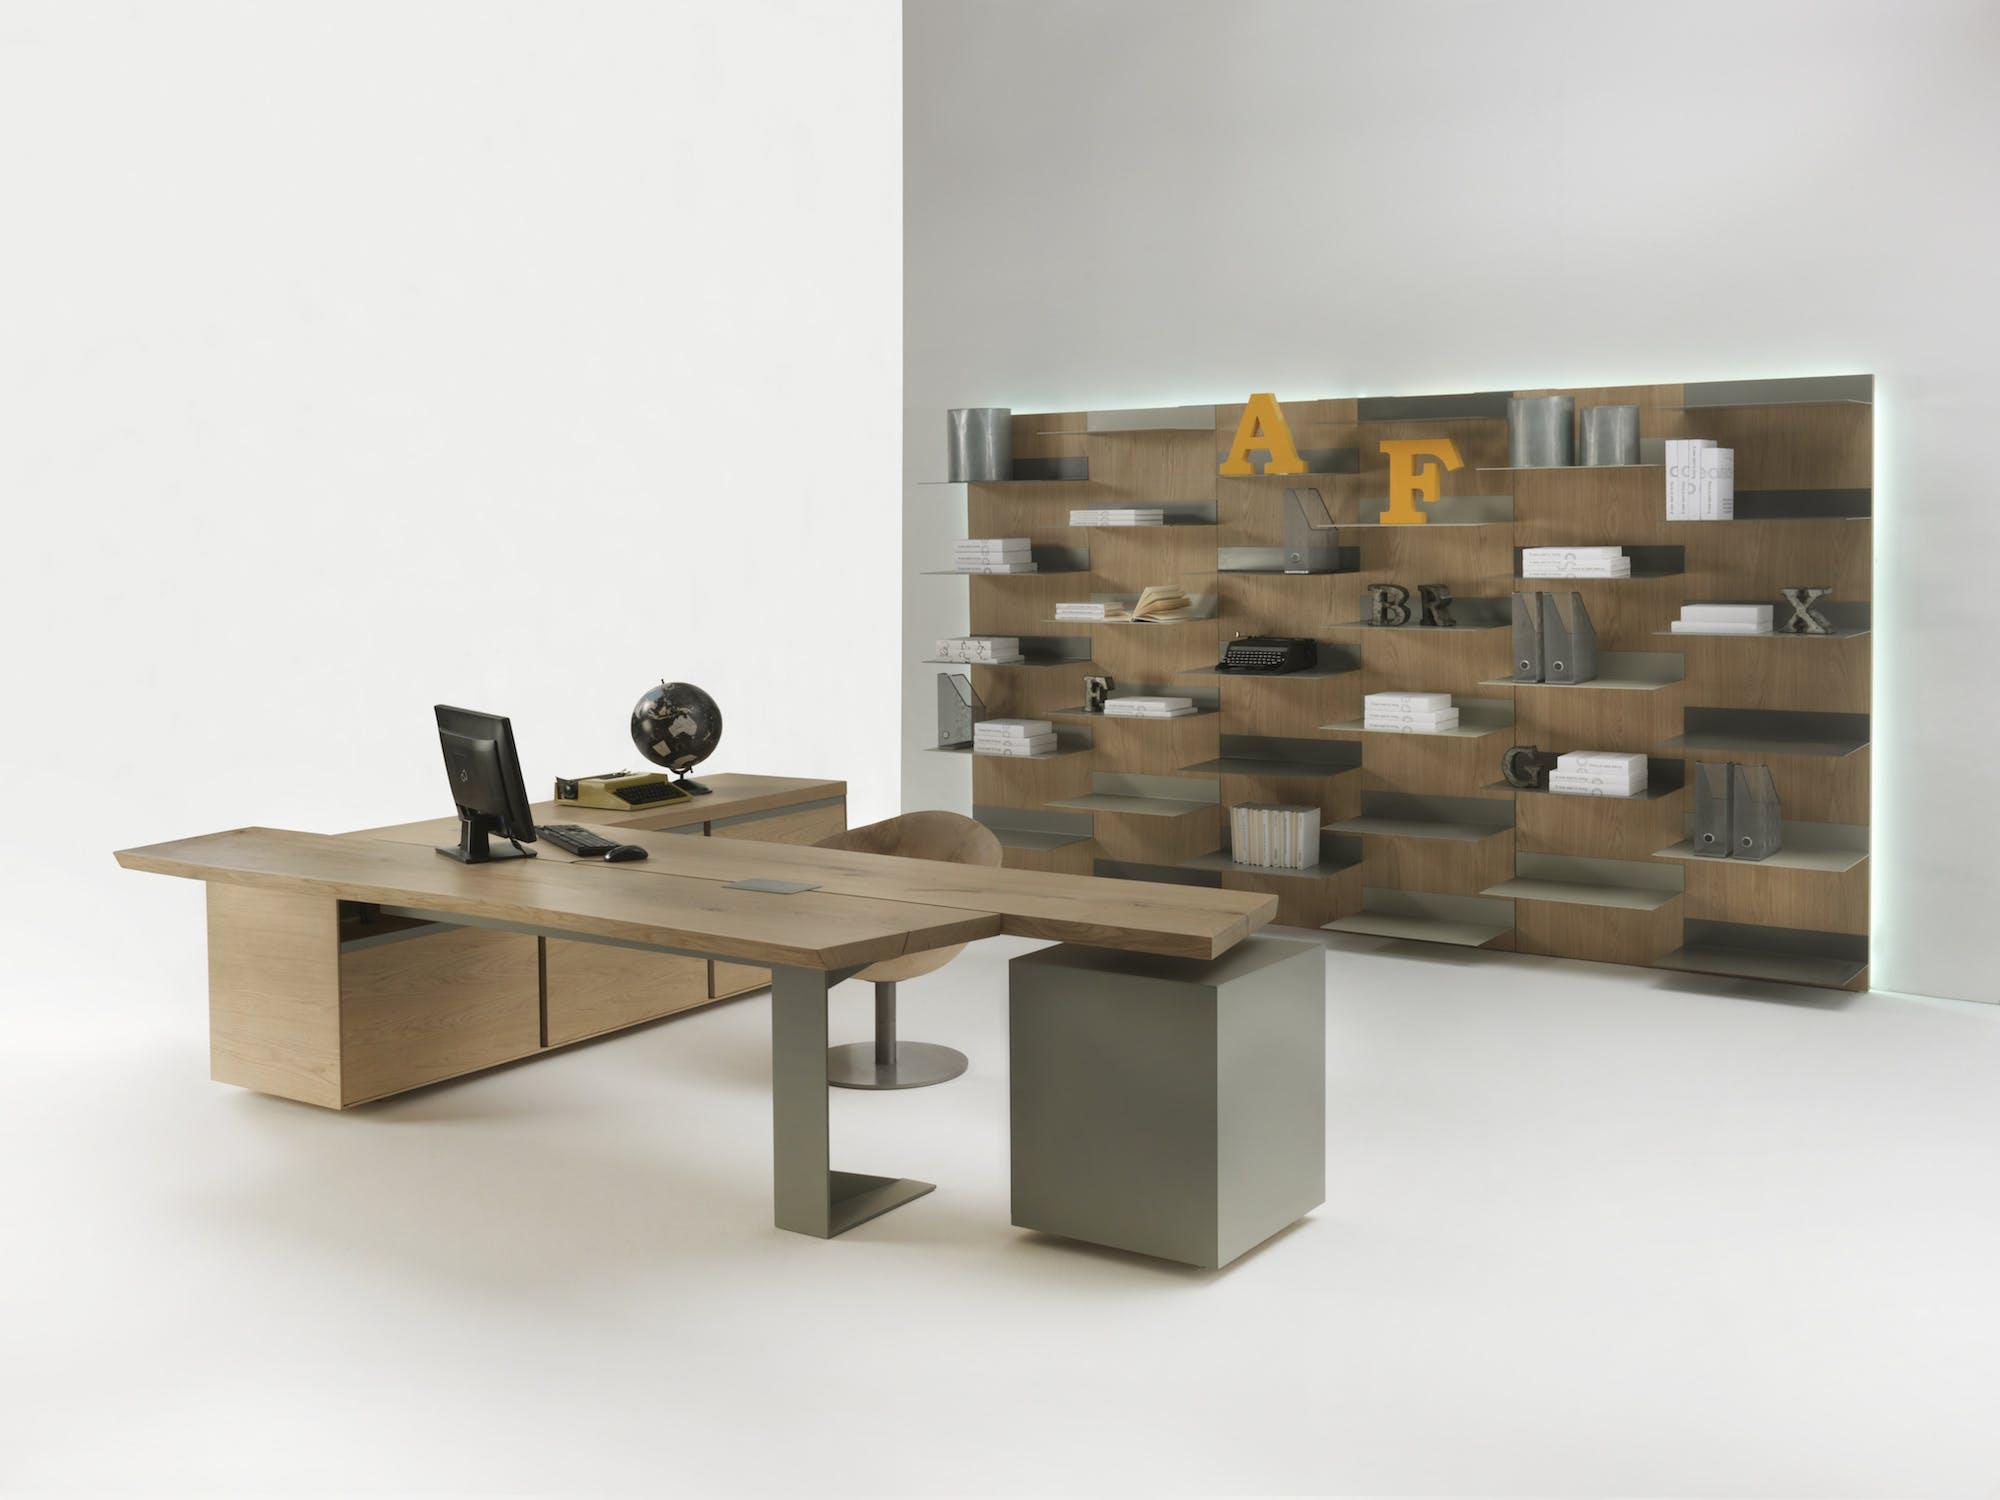 Riva 1920 Implement Desk Shelf Setup